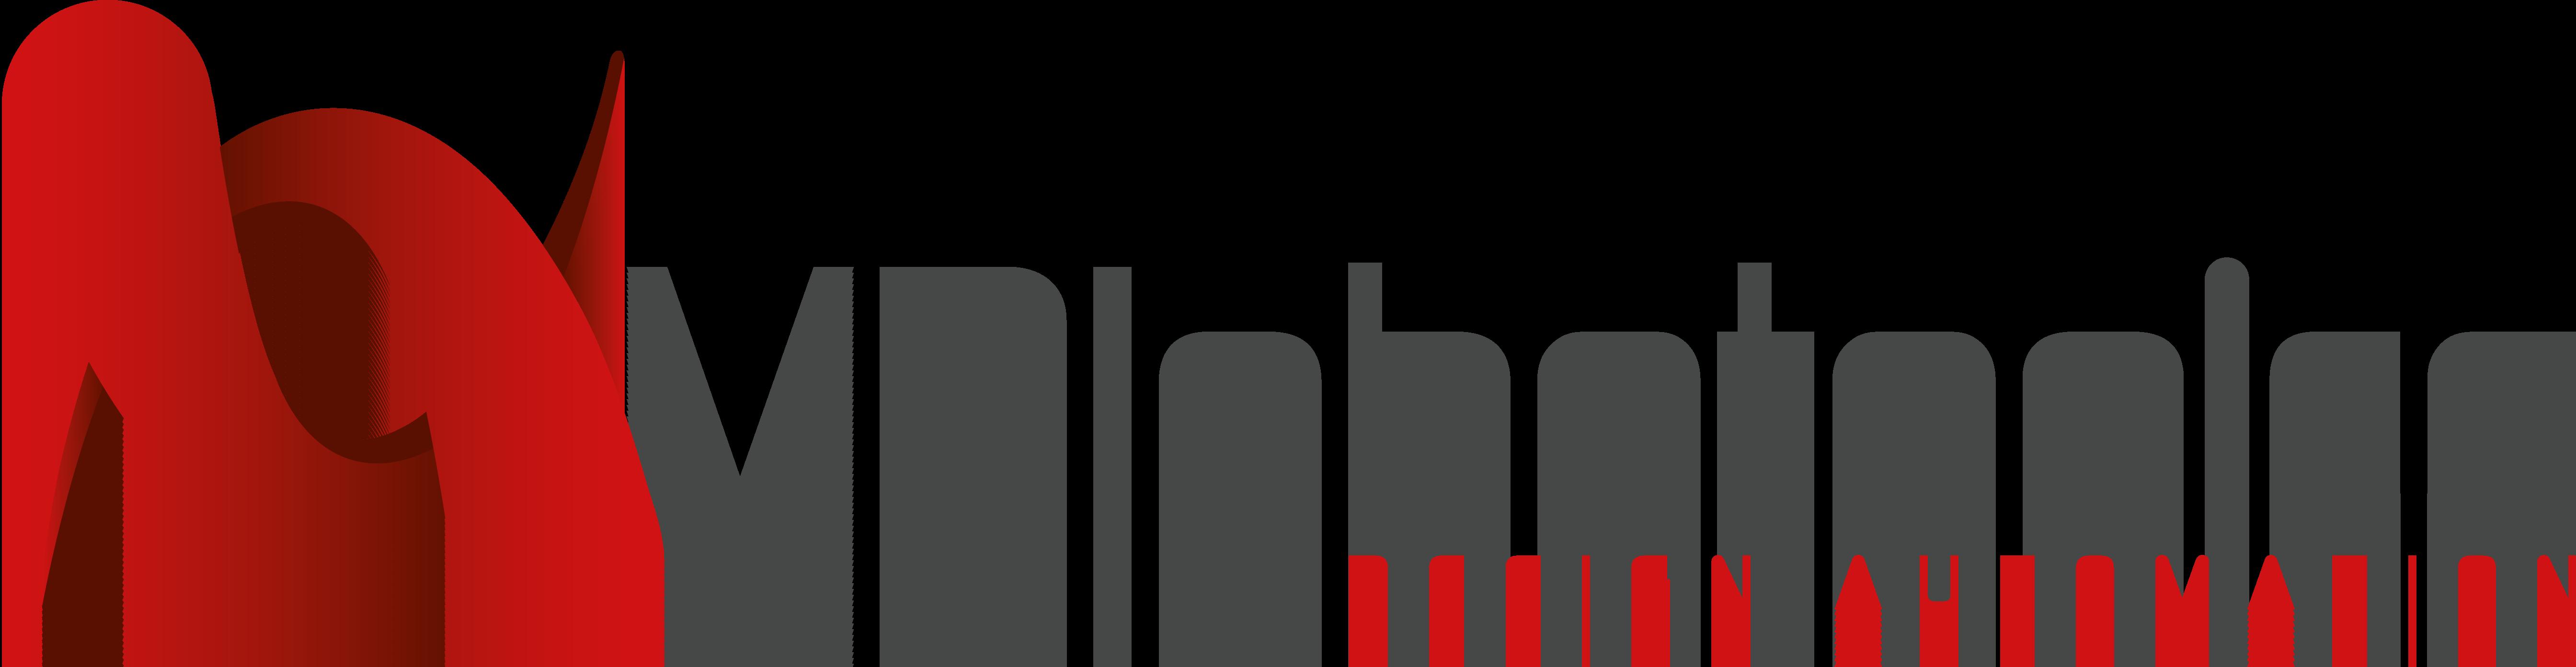 VPIphotonics_Primary